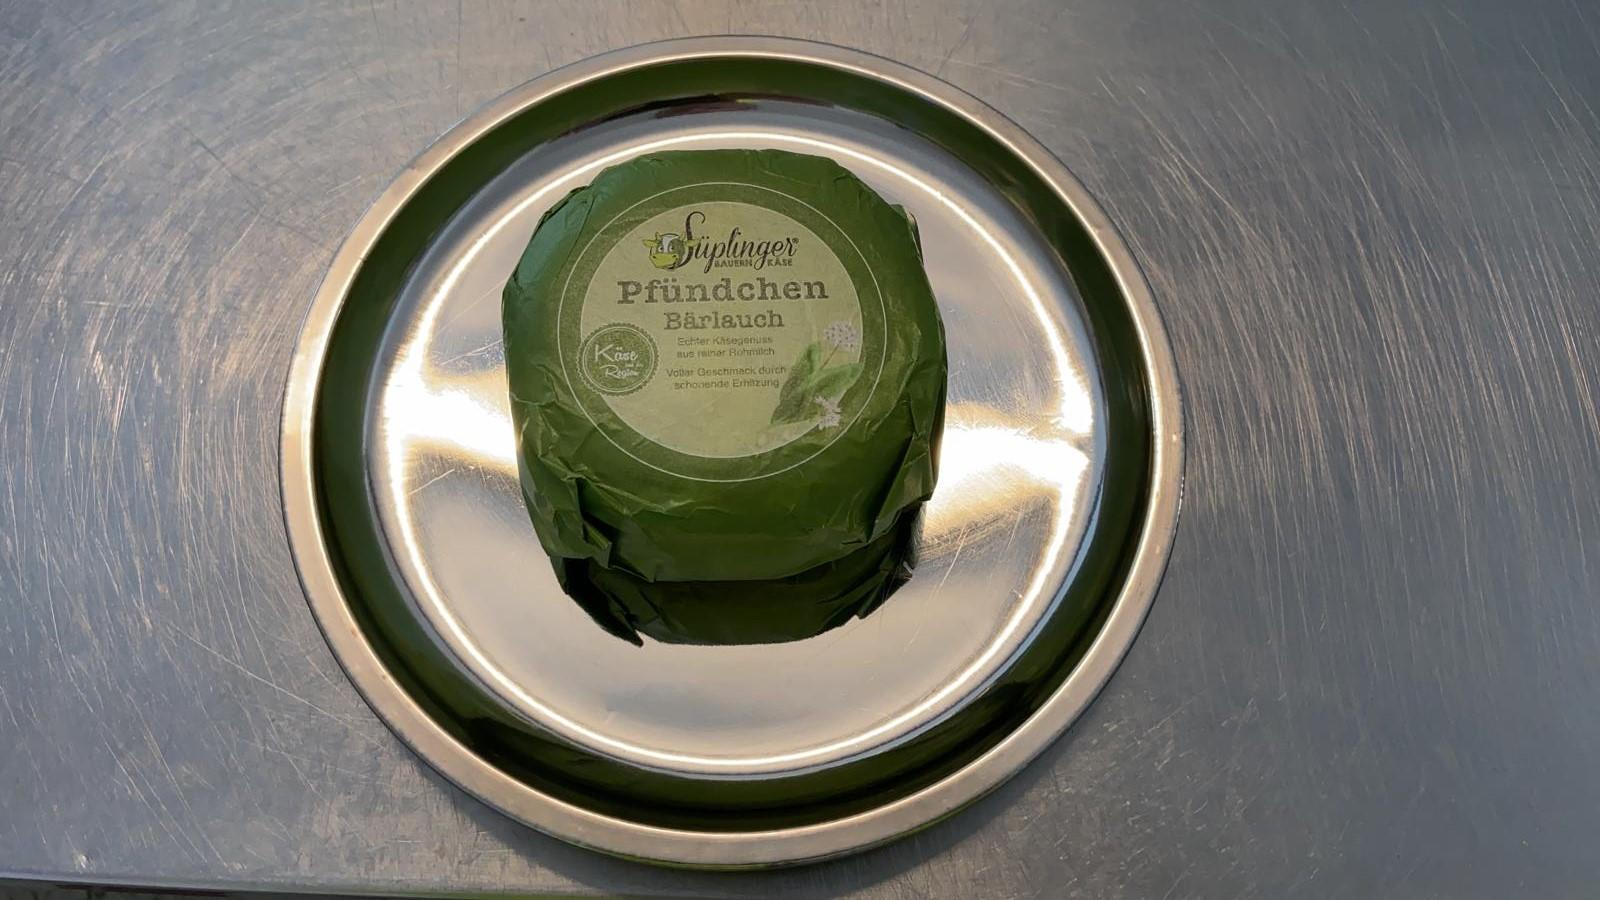 Süplinger Käse - Pfündchen Bärlauch